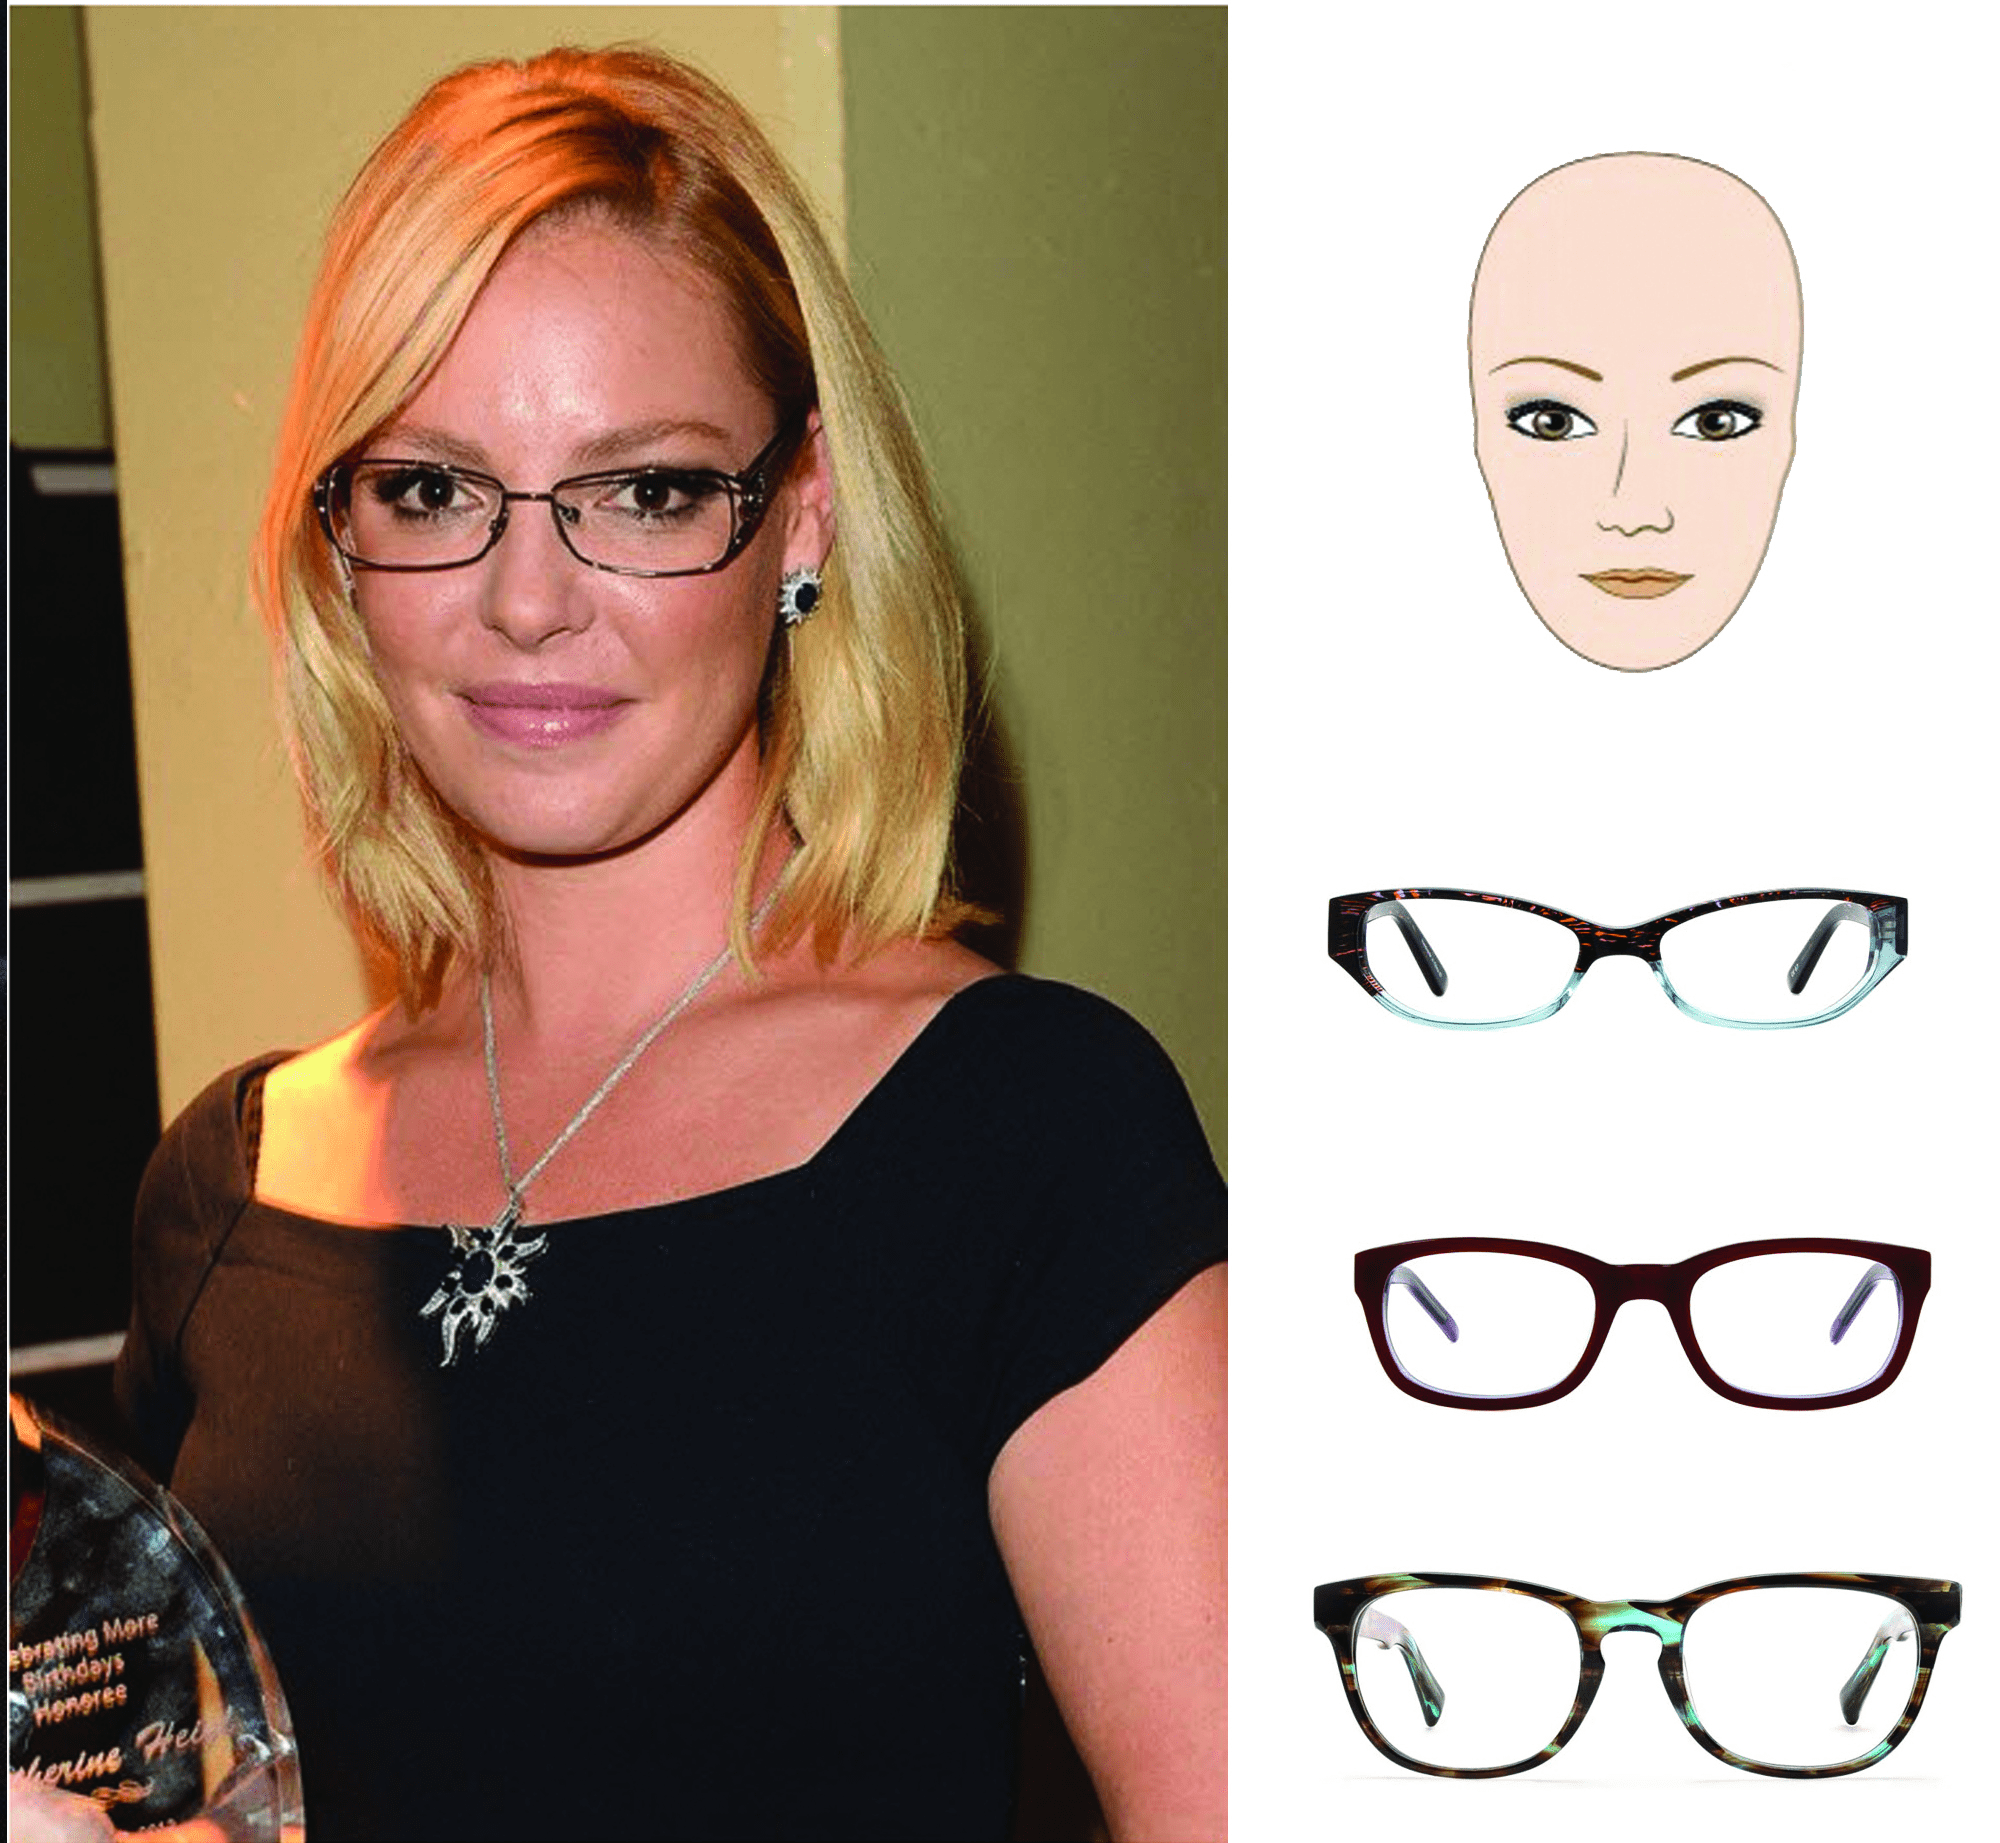 النظارات التي تتناسب مع كل شكل وجه